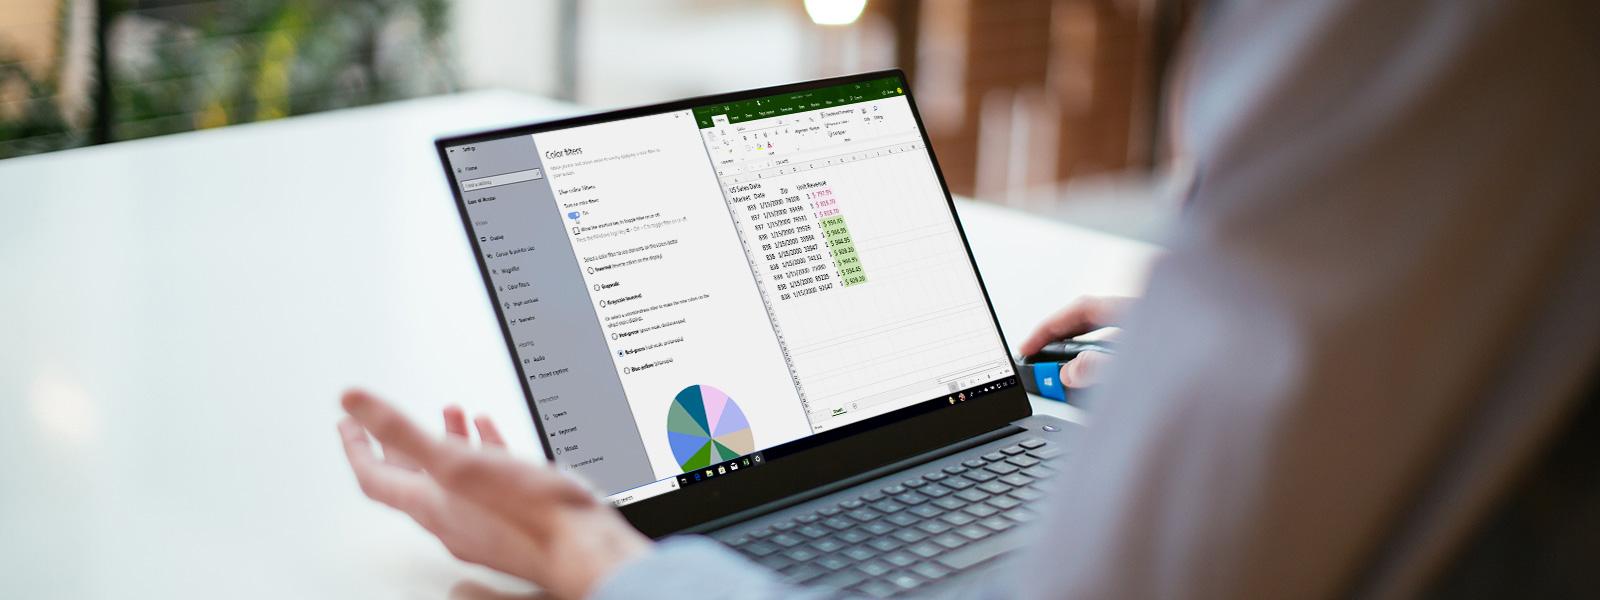 有個人使用已啟用色彩篩選的 Windows 10 筆記型電腦